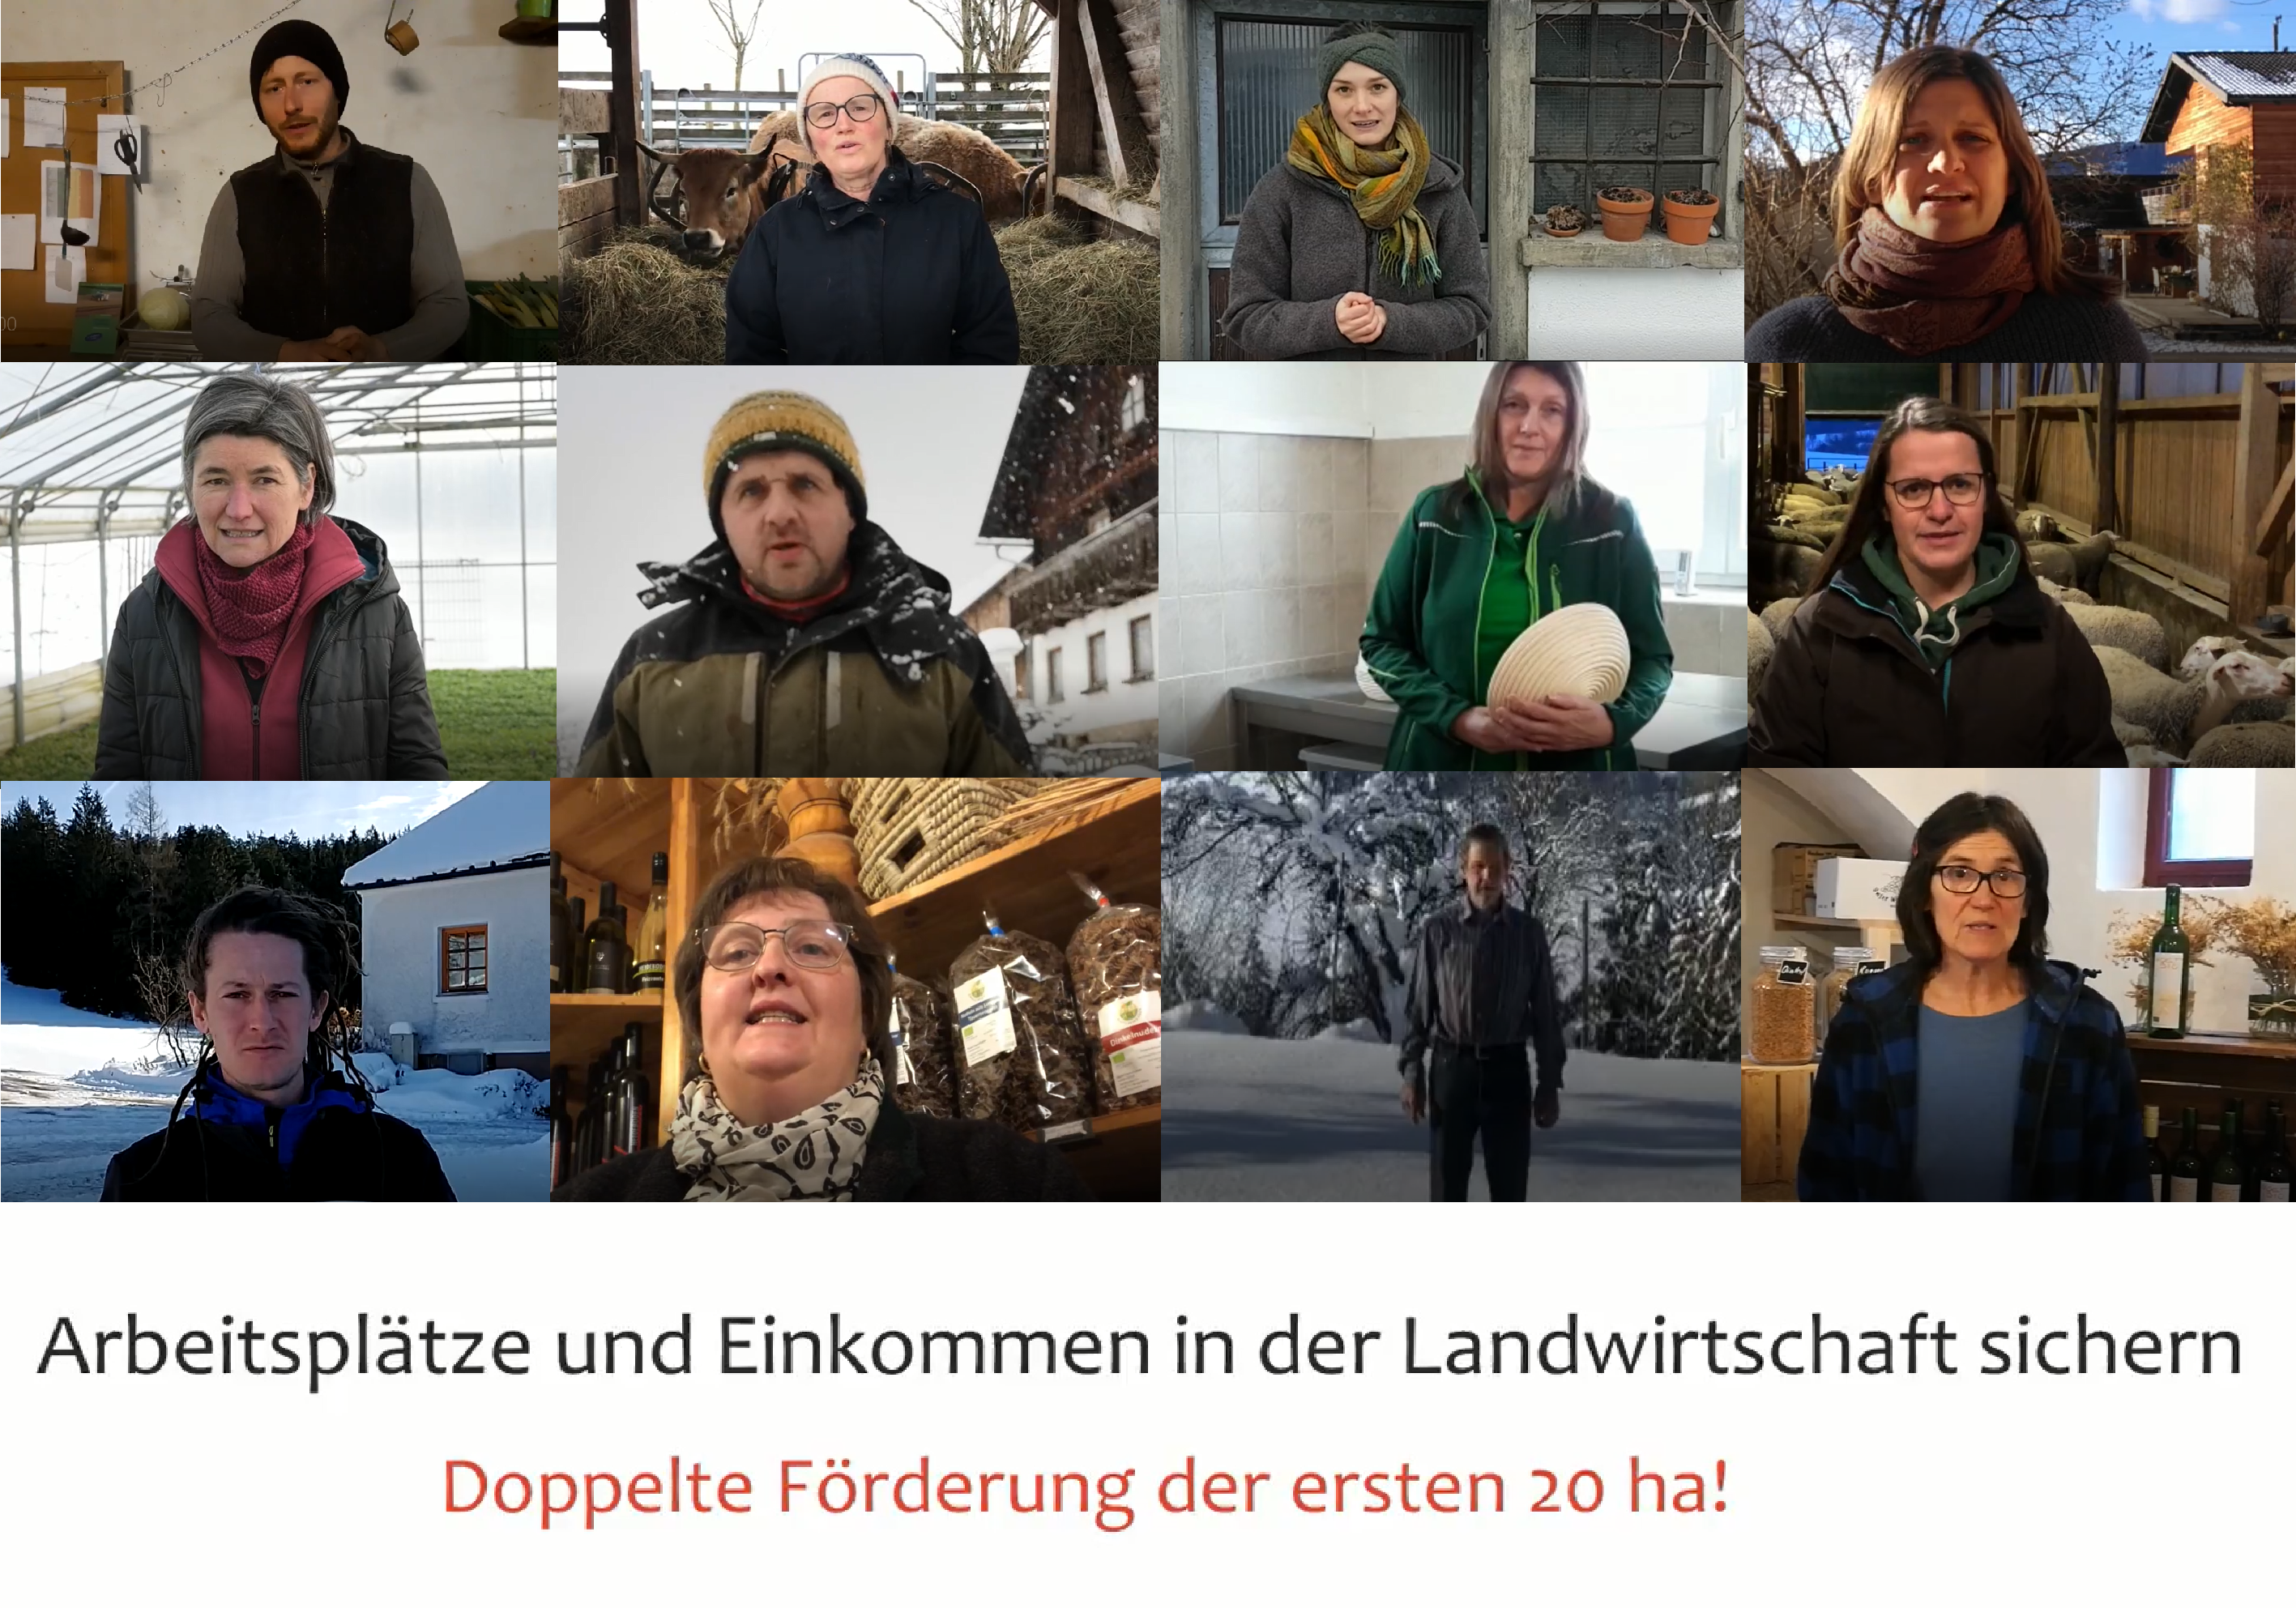 Offener Brief: Erste 20 ha doppelt fördern!